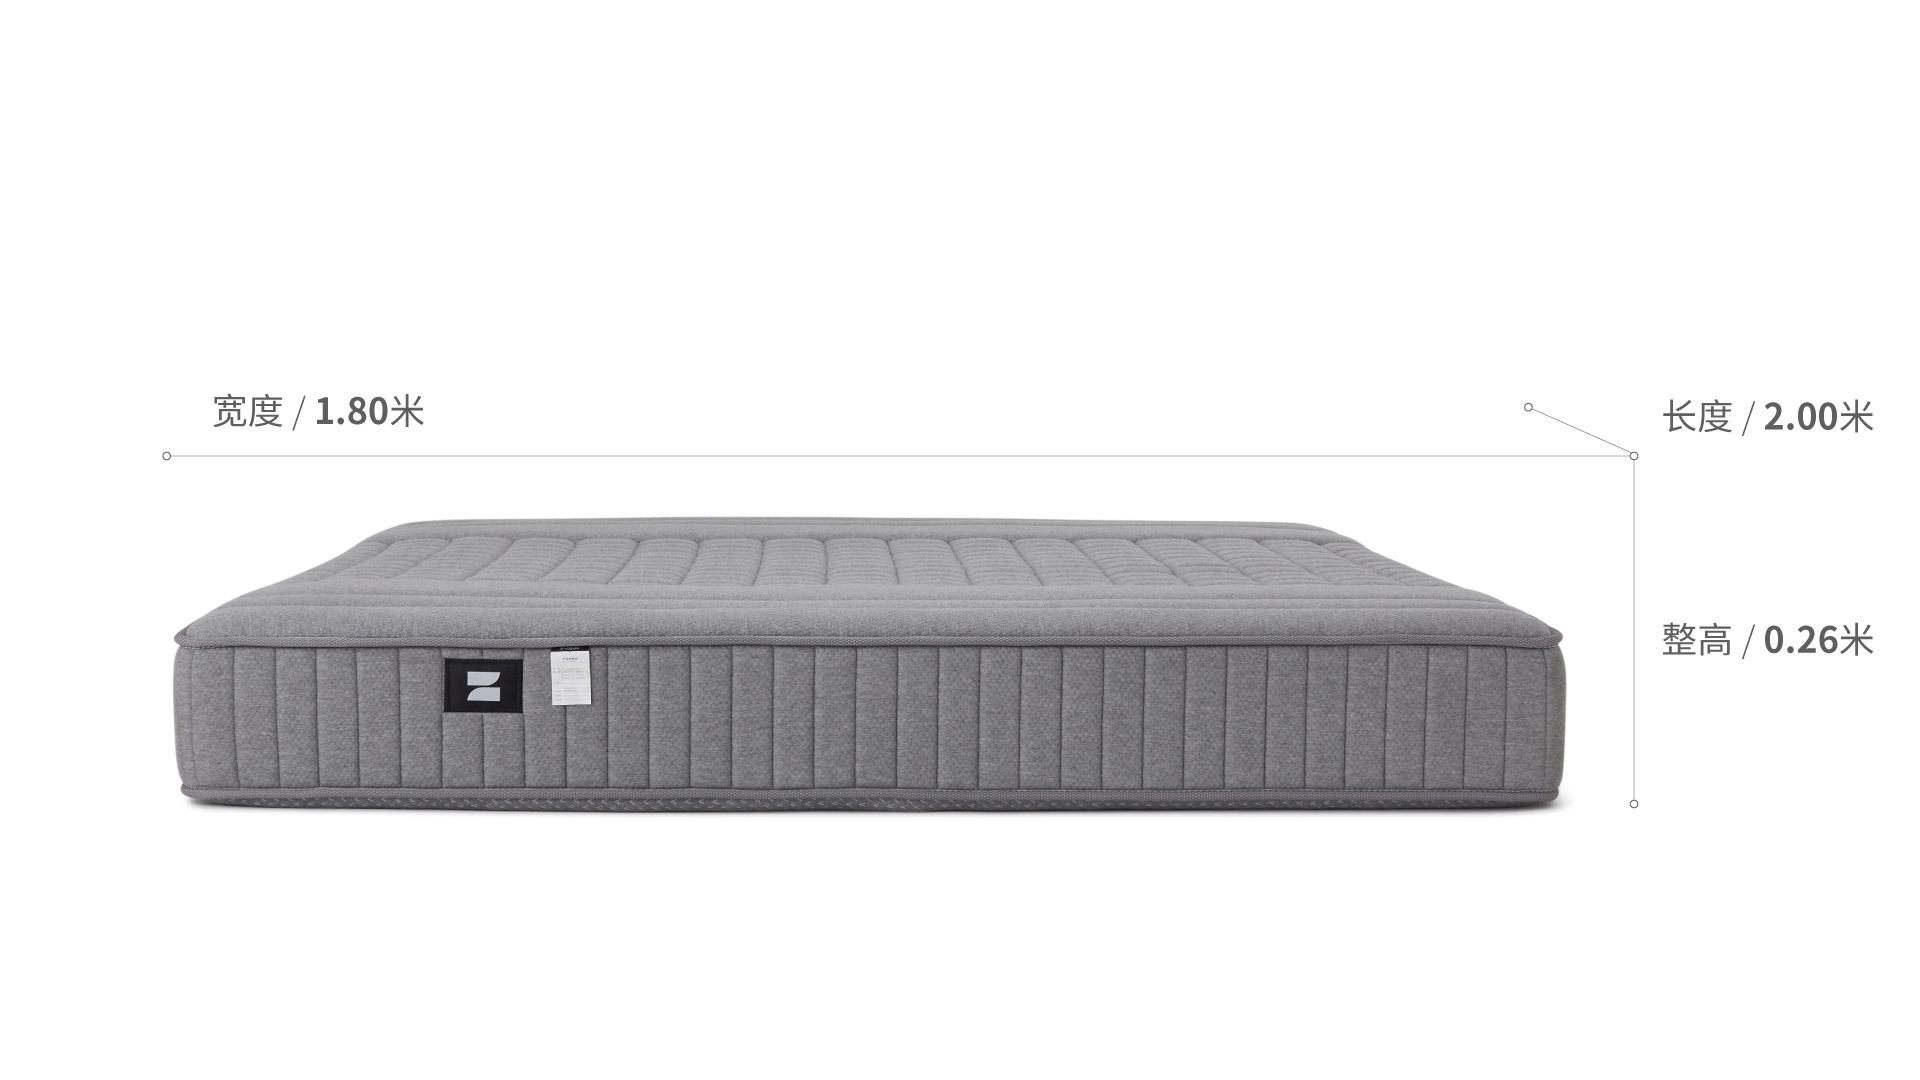 C6溫感床墊1.8米款床·床具效果圖